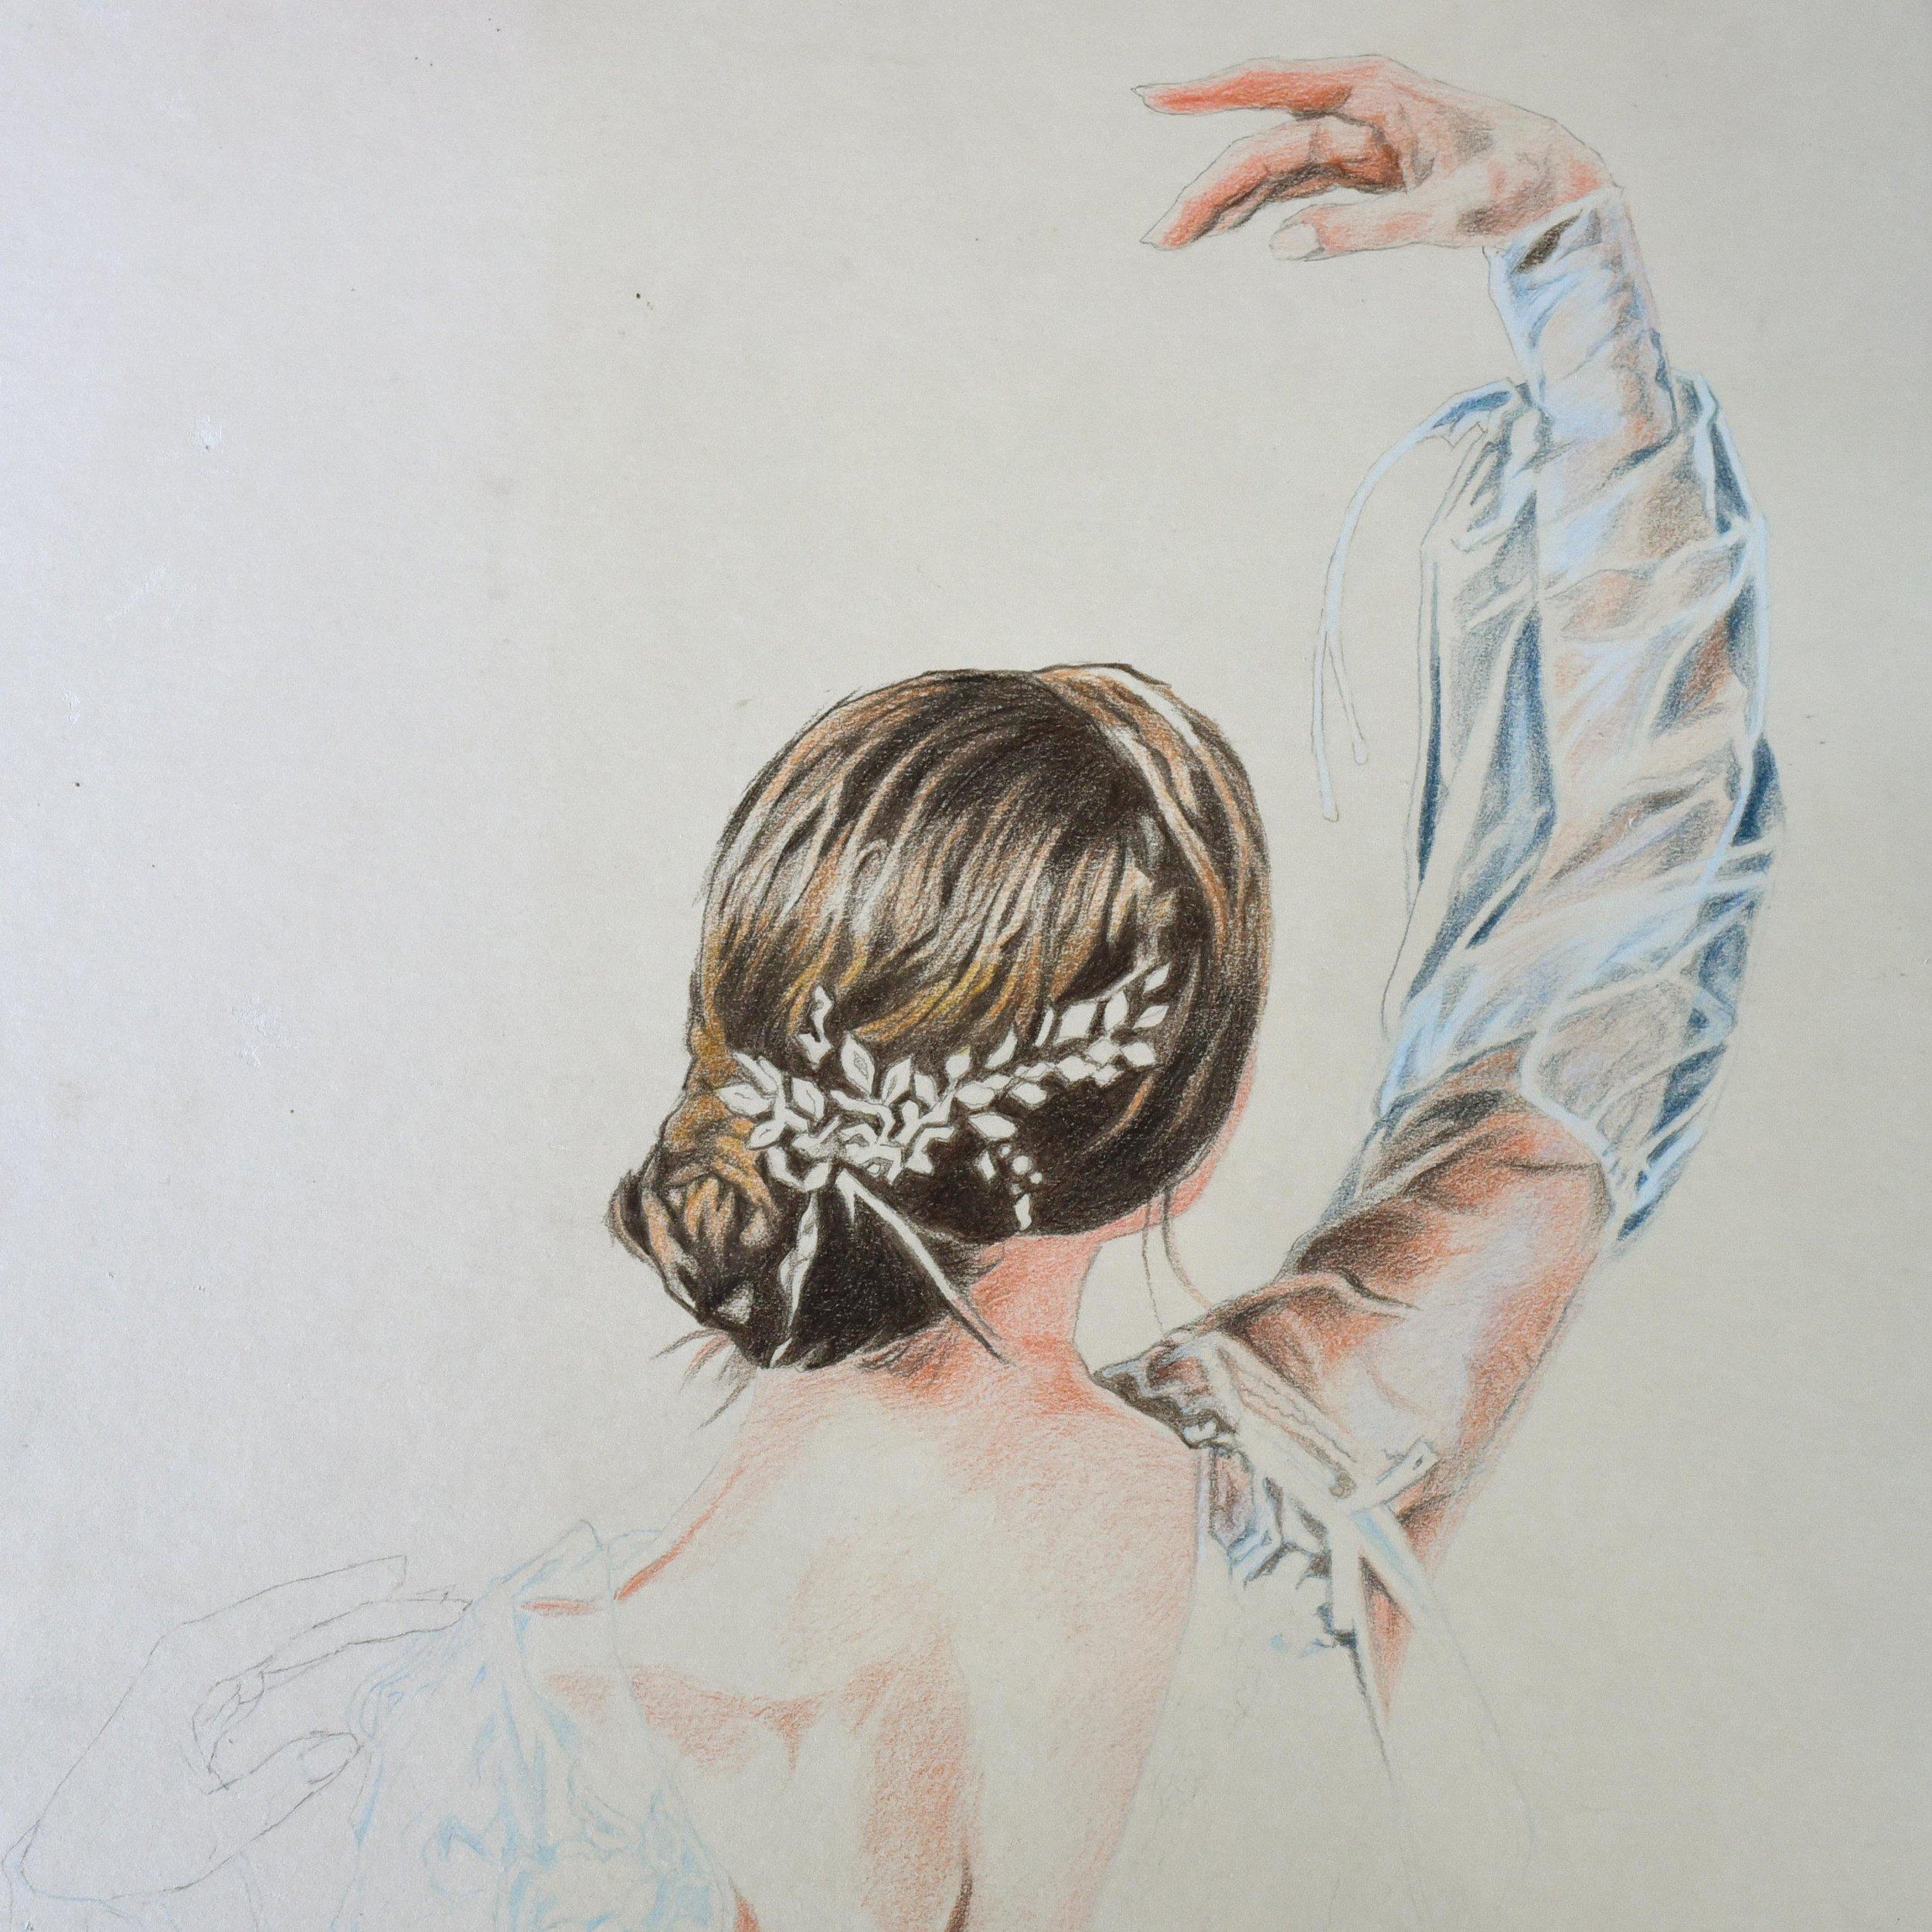 Colour pencil portrait of a ballerina on art board.